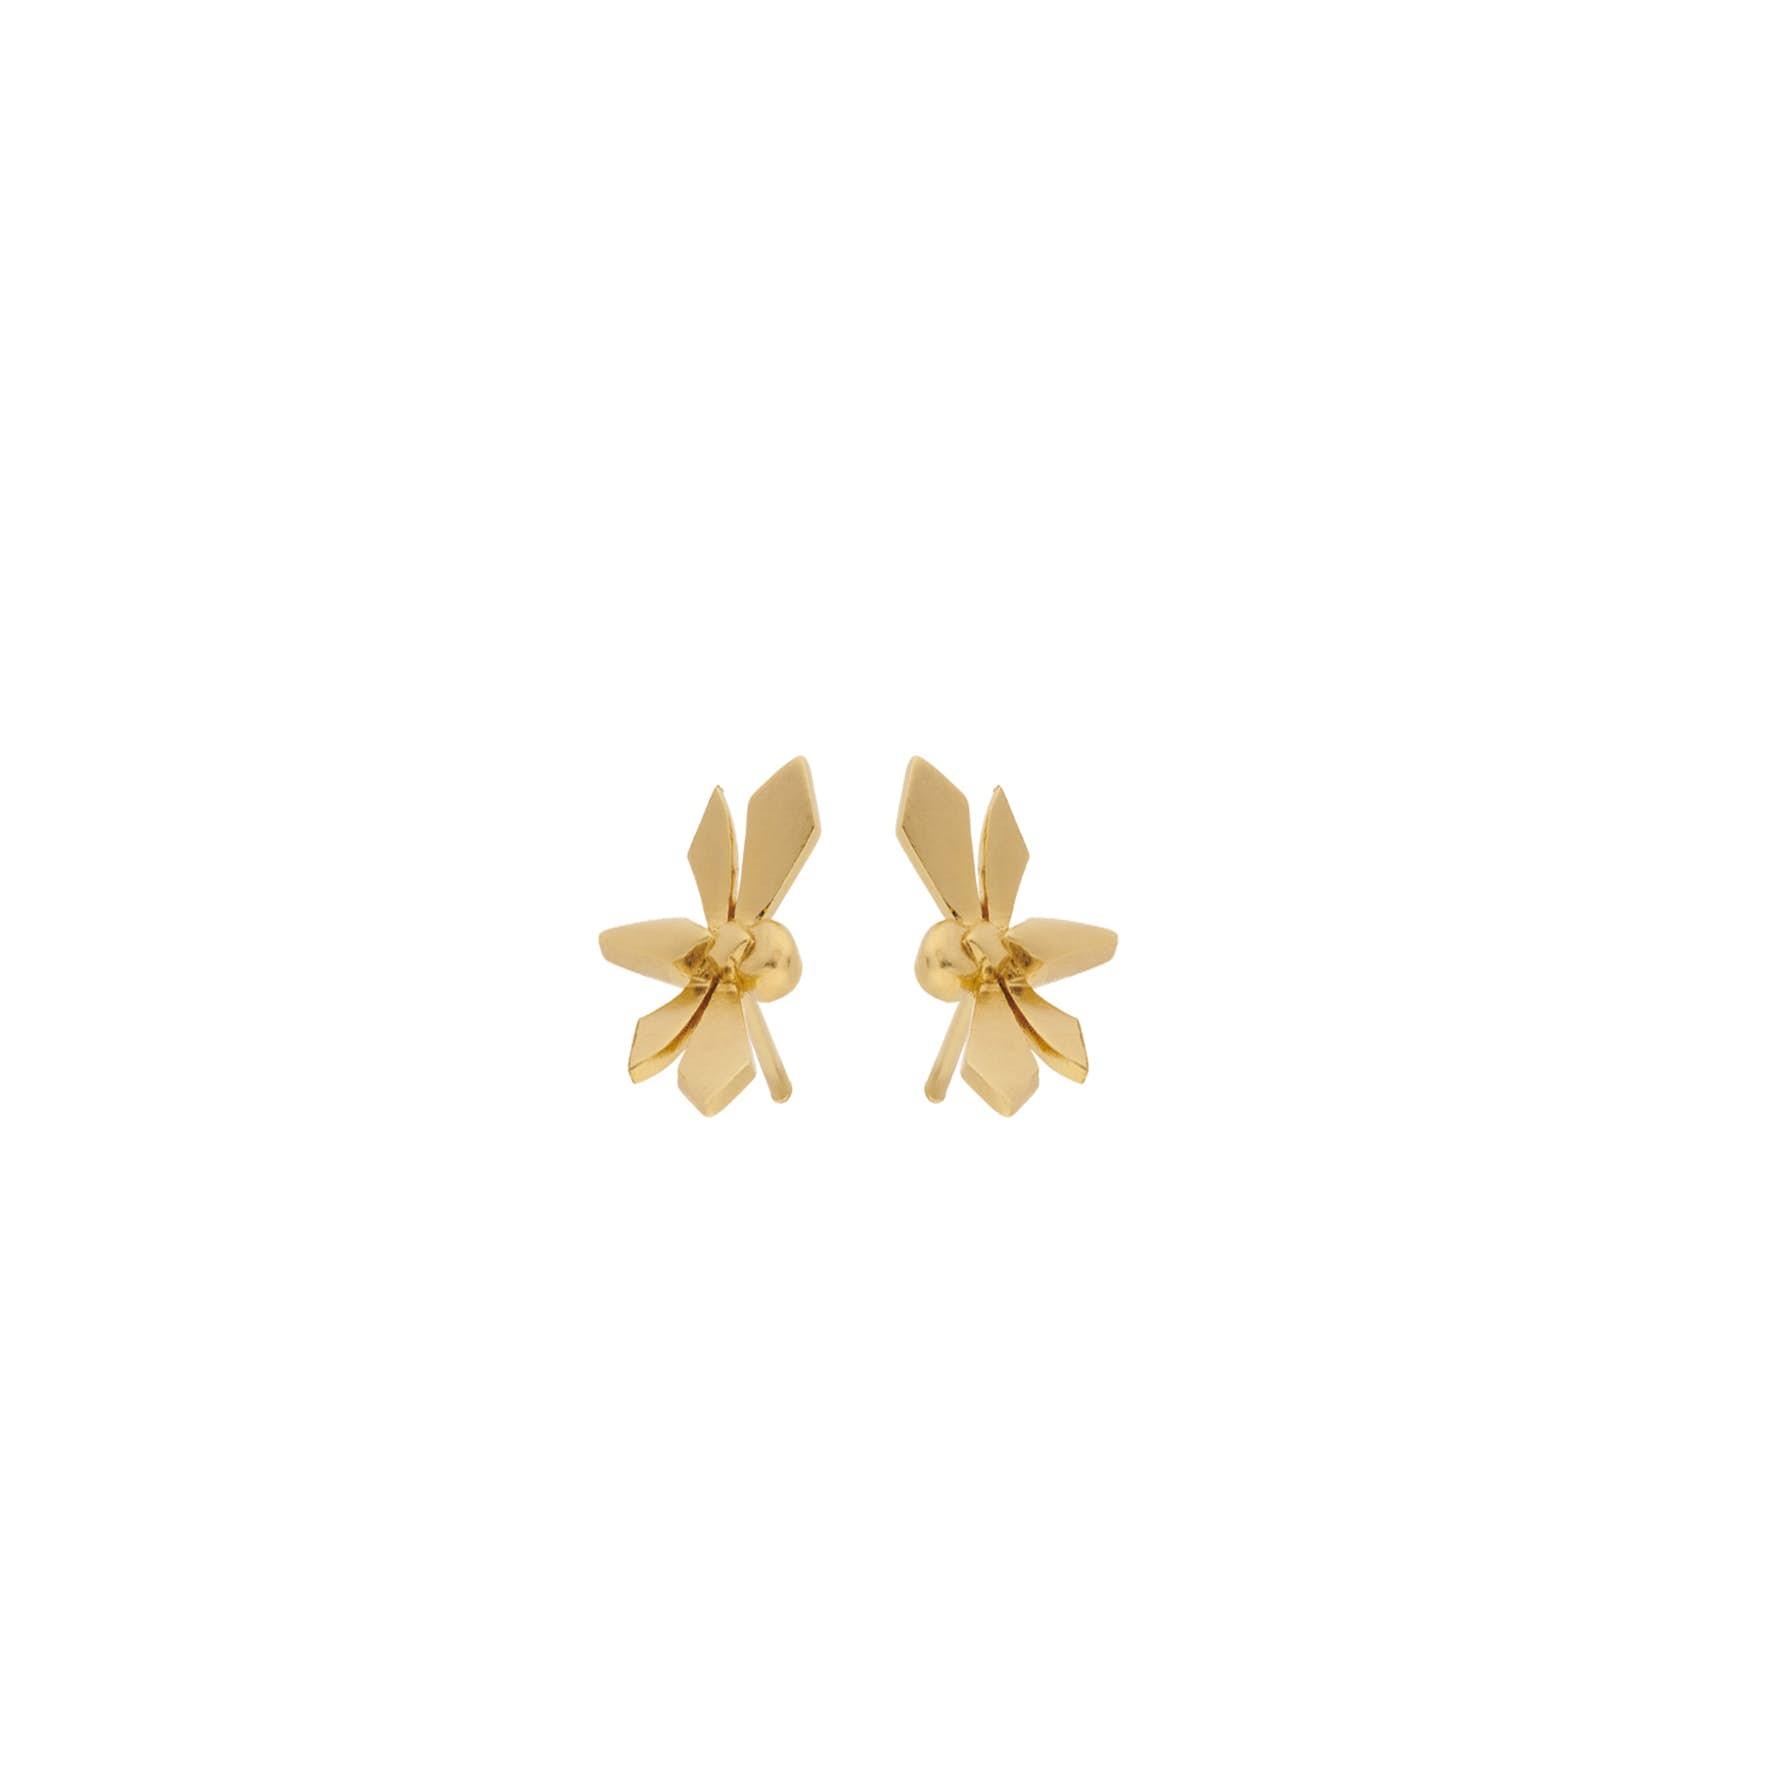 Hover Earsticks von Pernille Corydon in Vergoldet-Silber Sterling 925